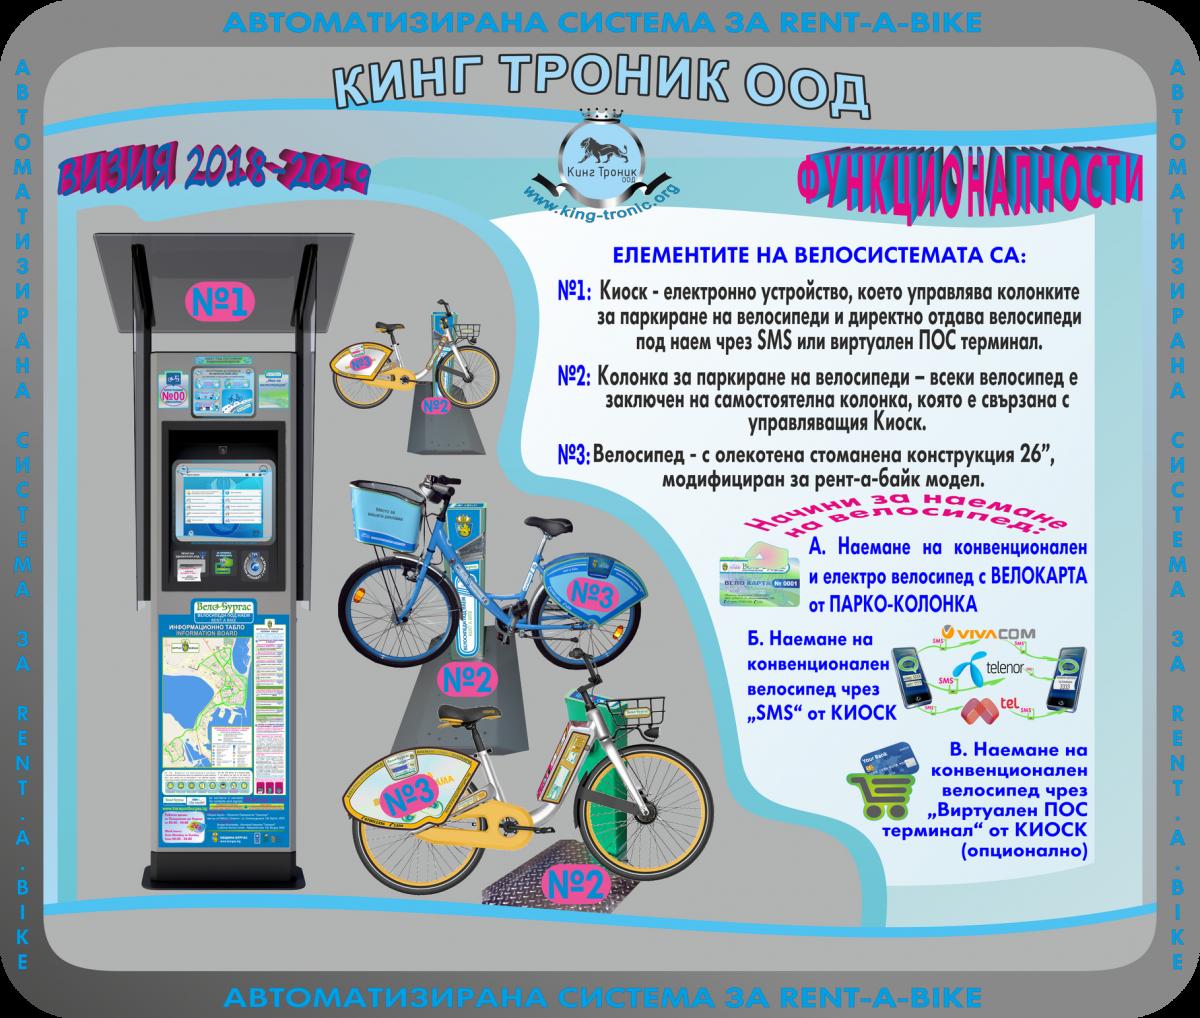 Кинг Троник - Наемане на конвенционални и електро-велосипеди от Велостанция - 2015-2019